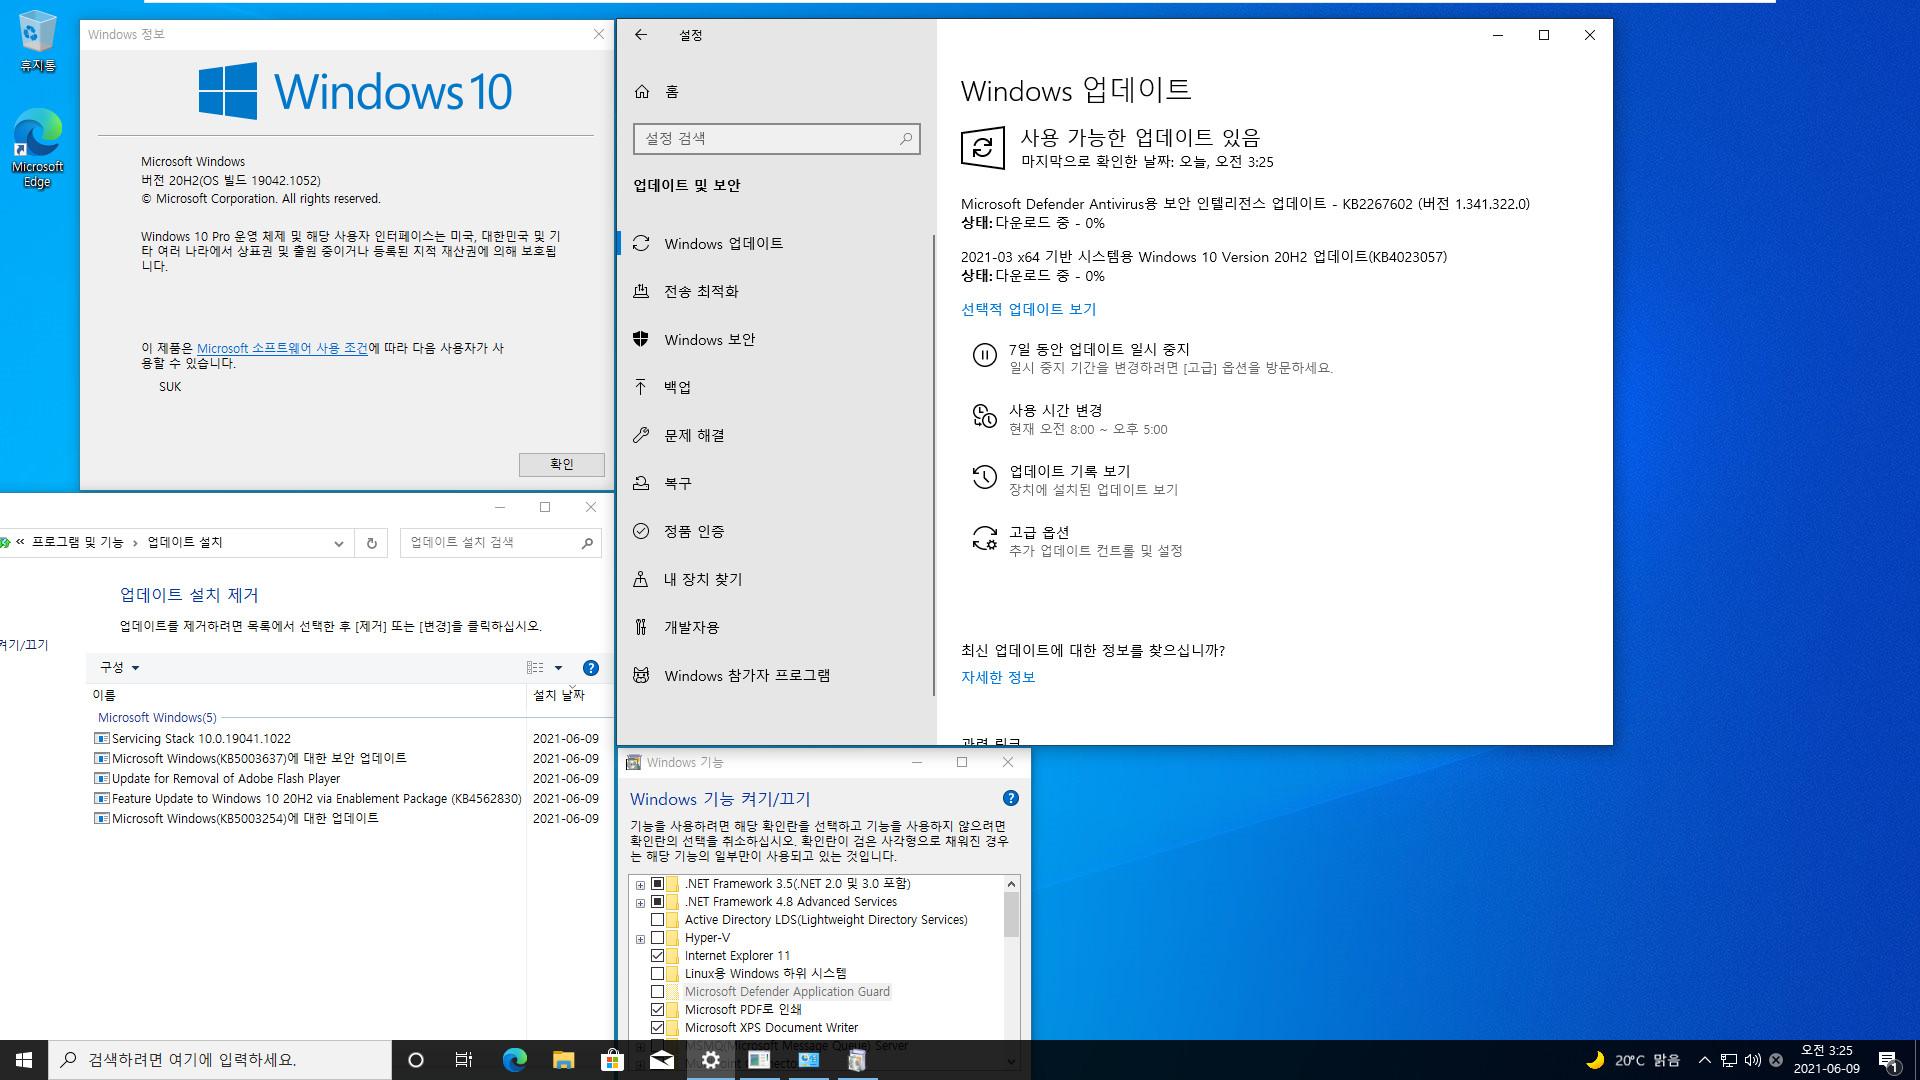 2021-06-09 수요일 정기 업데이트 - PRO x64 3개 버전 통합 - Windows 10 버전 2004, 빌드 19041.1052 + 버전 20H2, 빌드 19042.1052 + 버전 21H1, 빌드 19043.1052 - 공용 누적 업데이트 KB5003637 - 2021-06-09_032541.jpg